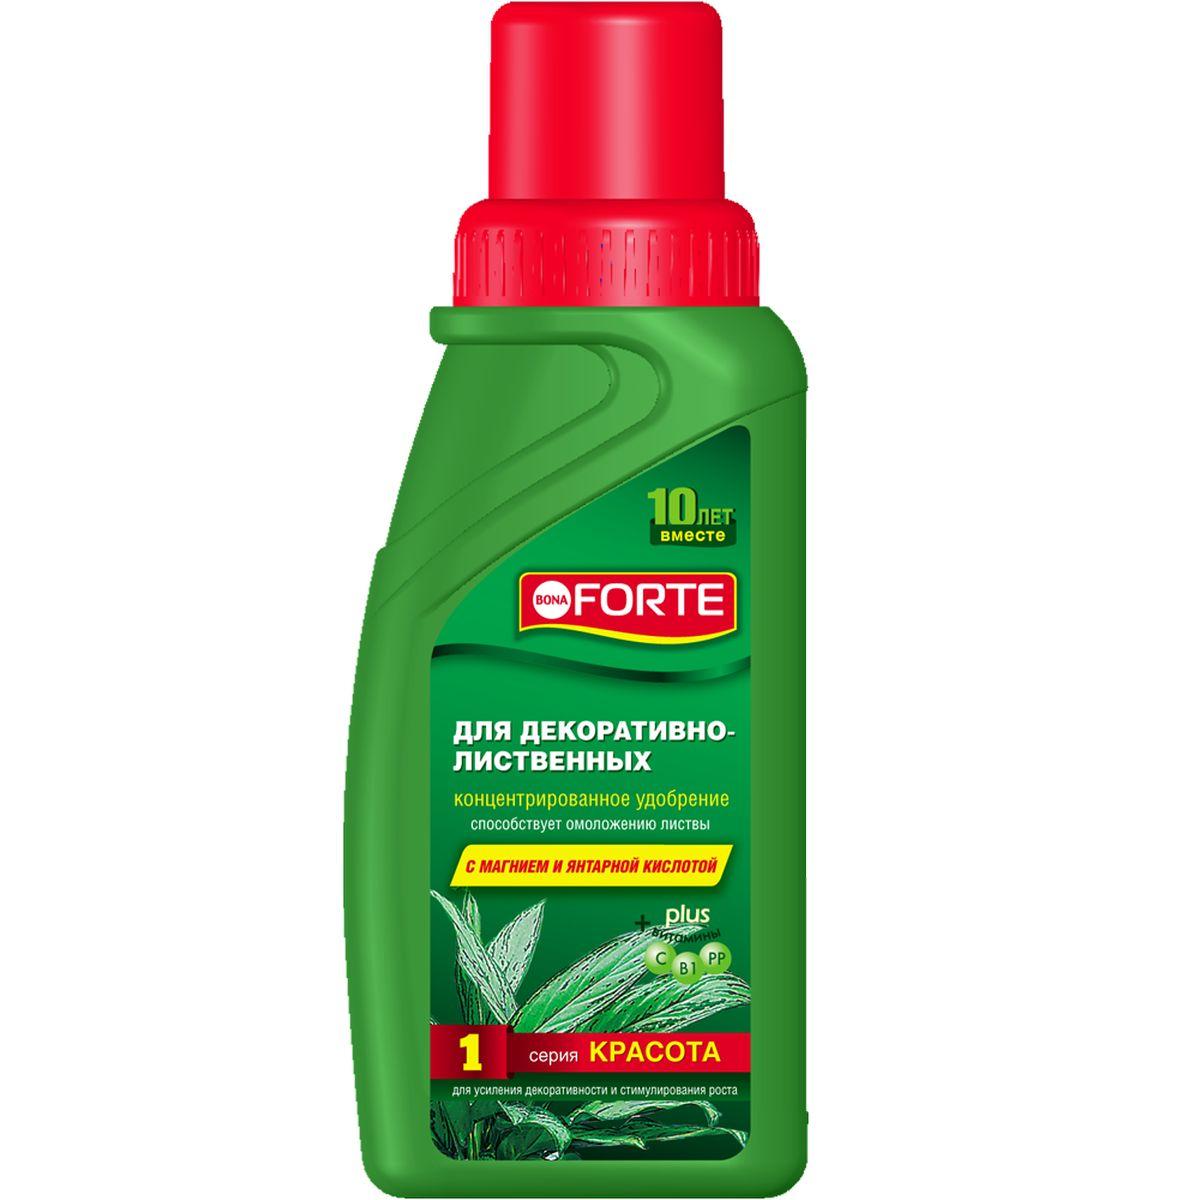 Жидкое комплексное удобрение Bona Forte, для декоративно-лиственных растений, 285 мл8719400007695Удобрение Bona Forte жидкое комплексное для декоративно-лиственных рекомендуется для придания сочной зелени и поддержания упругости листьев всех видов декоративно-лиственных растений. Высококонцентрированный, насыщенный состав: - NPK +Mg (5:3:4 +1); - Витамины (C, B1, PP); - Микроэлементы (в хелатной форме); - Стимулятор роста (янтарная кислота).